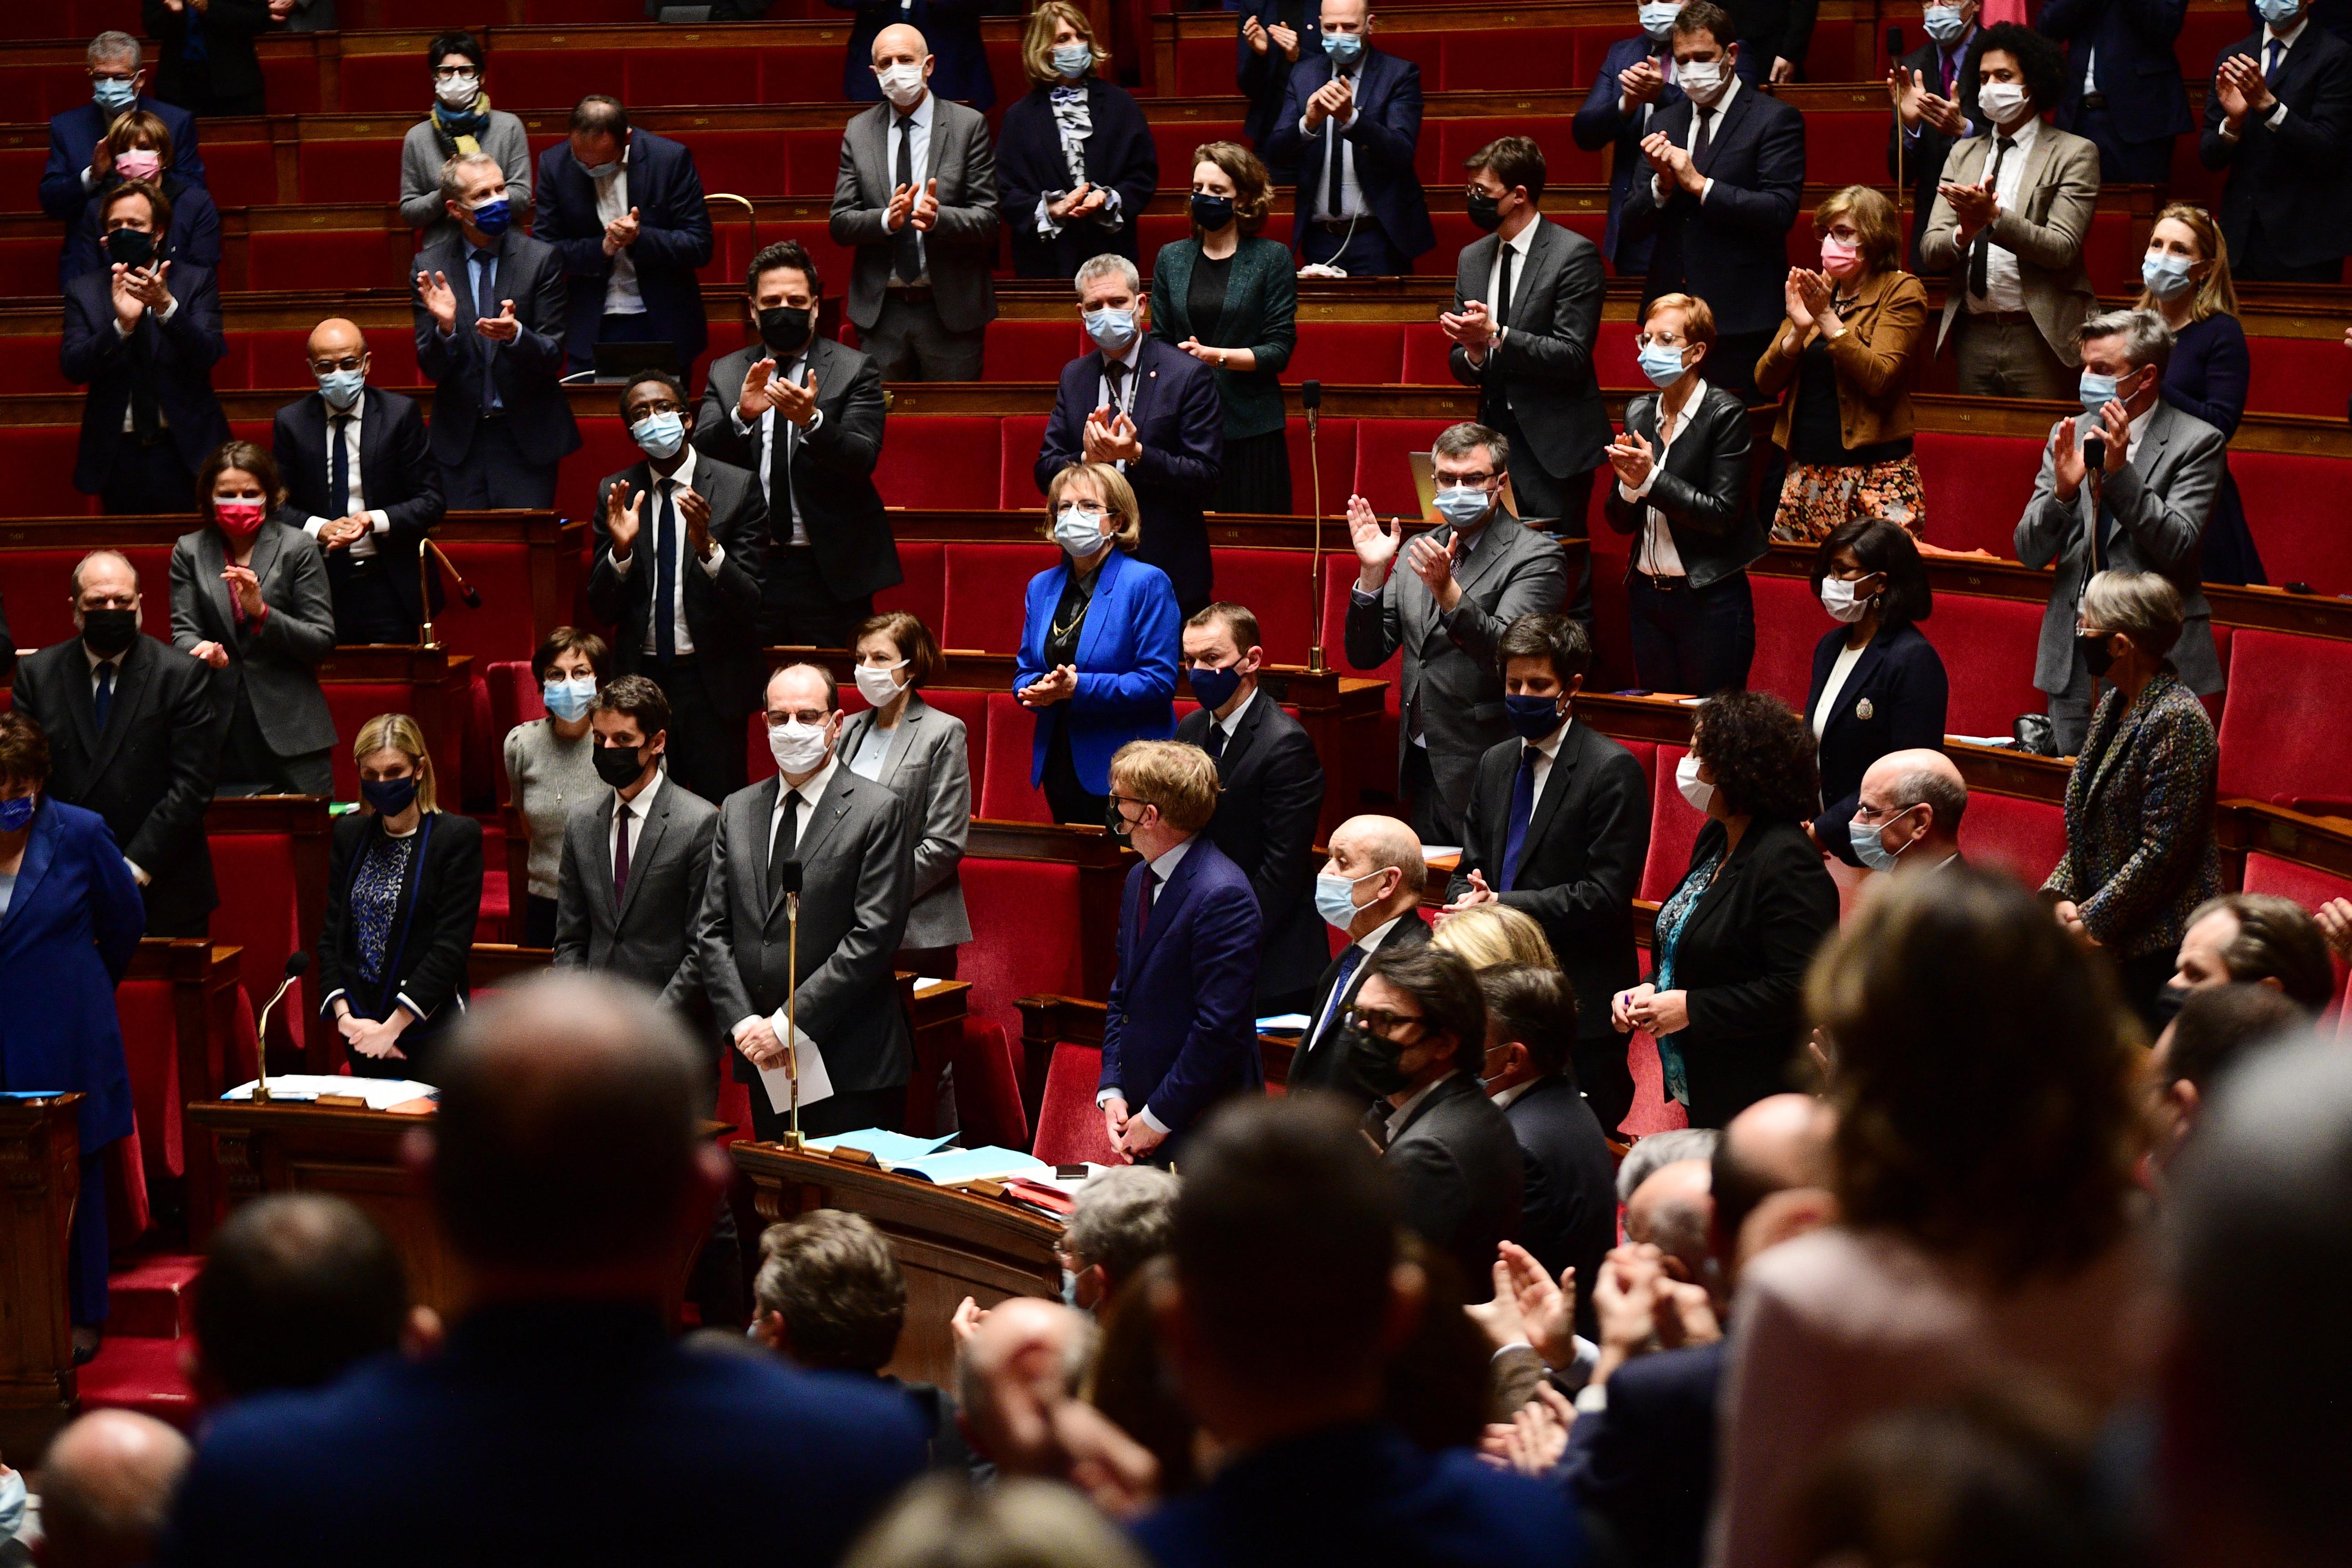 Franciaországban megszavazták a beleegyezési korhatárt